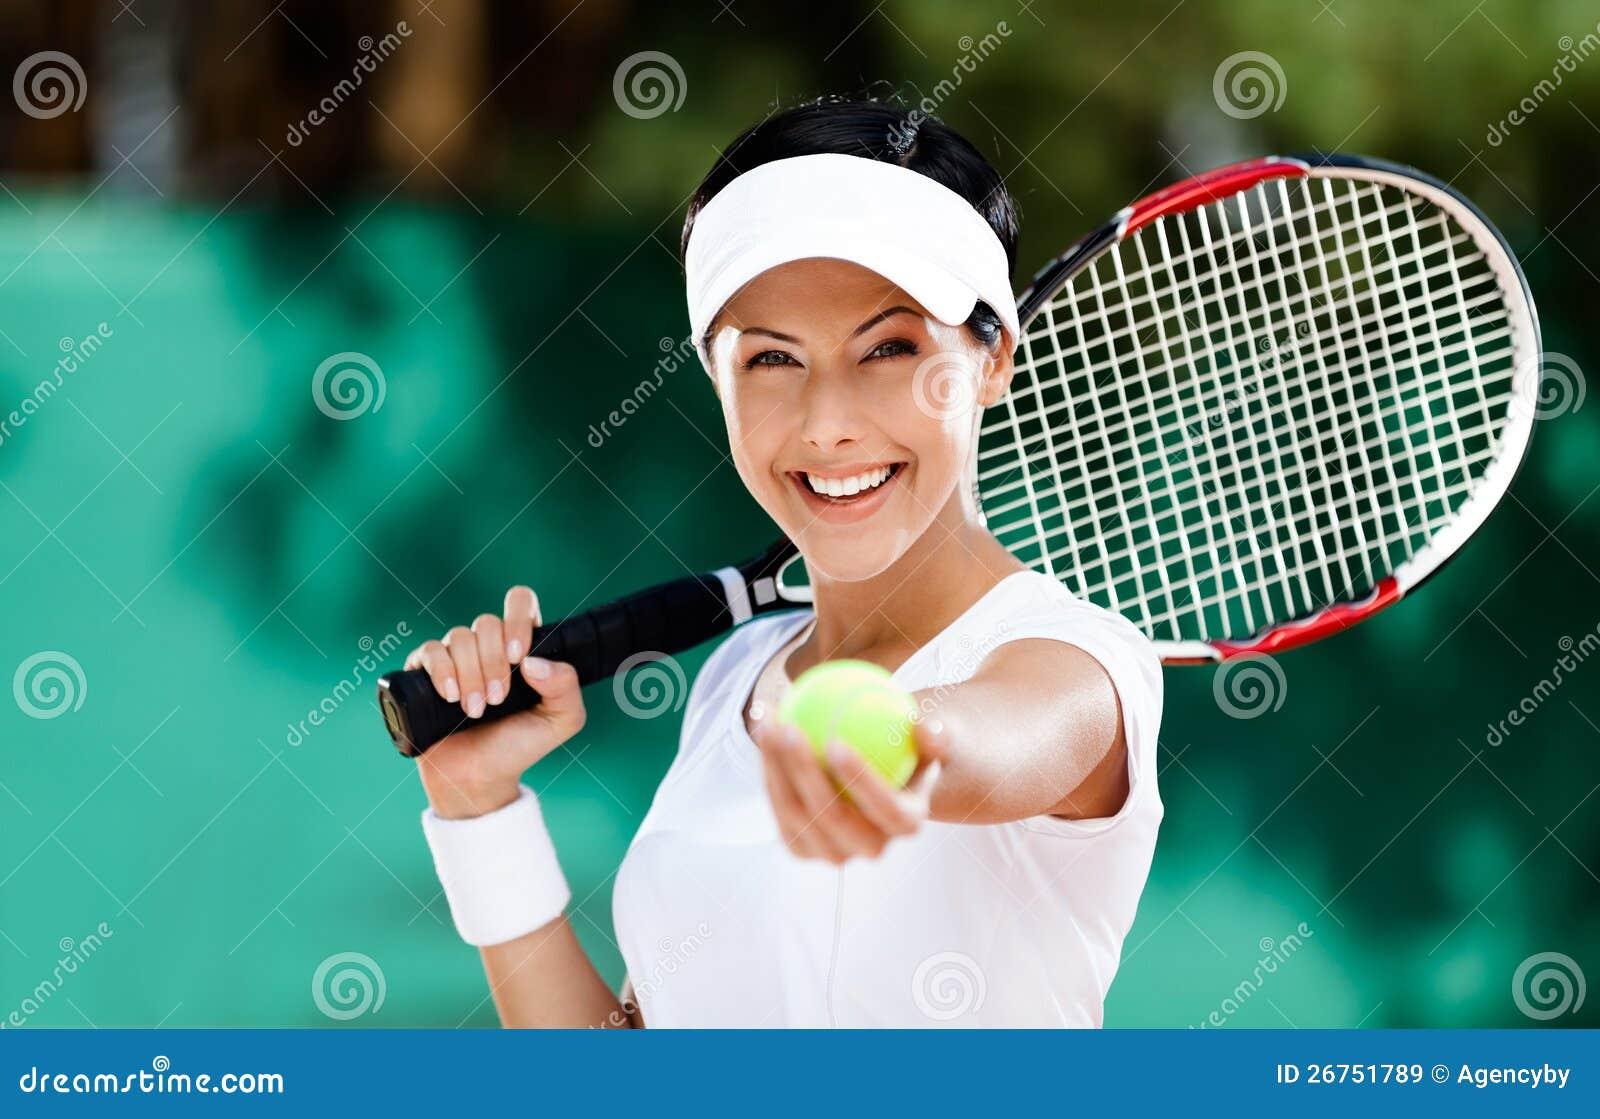 La mujer sirve la pelota de tenis